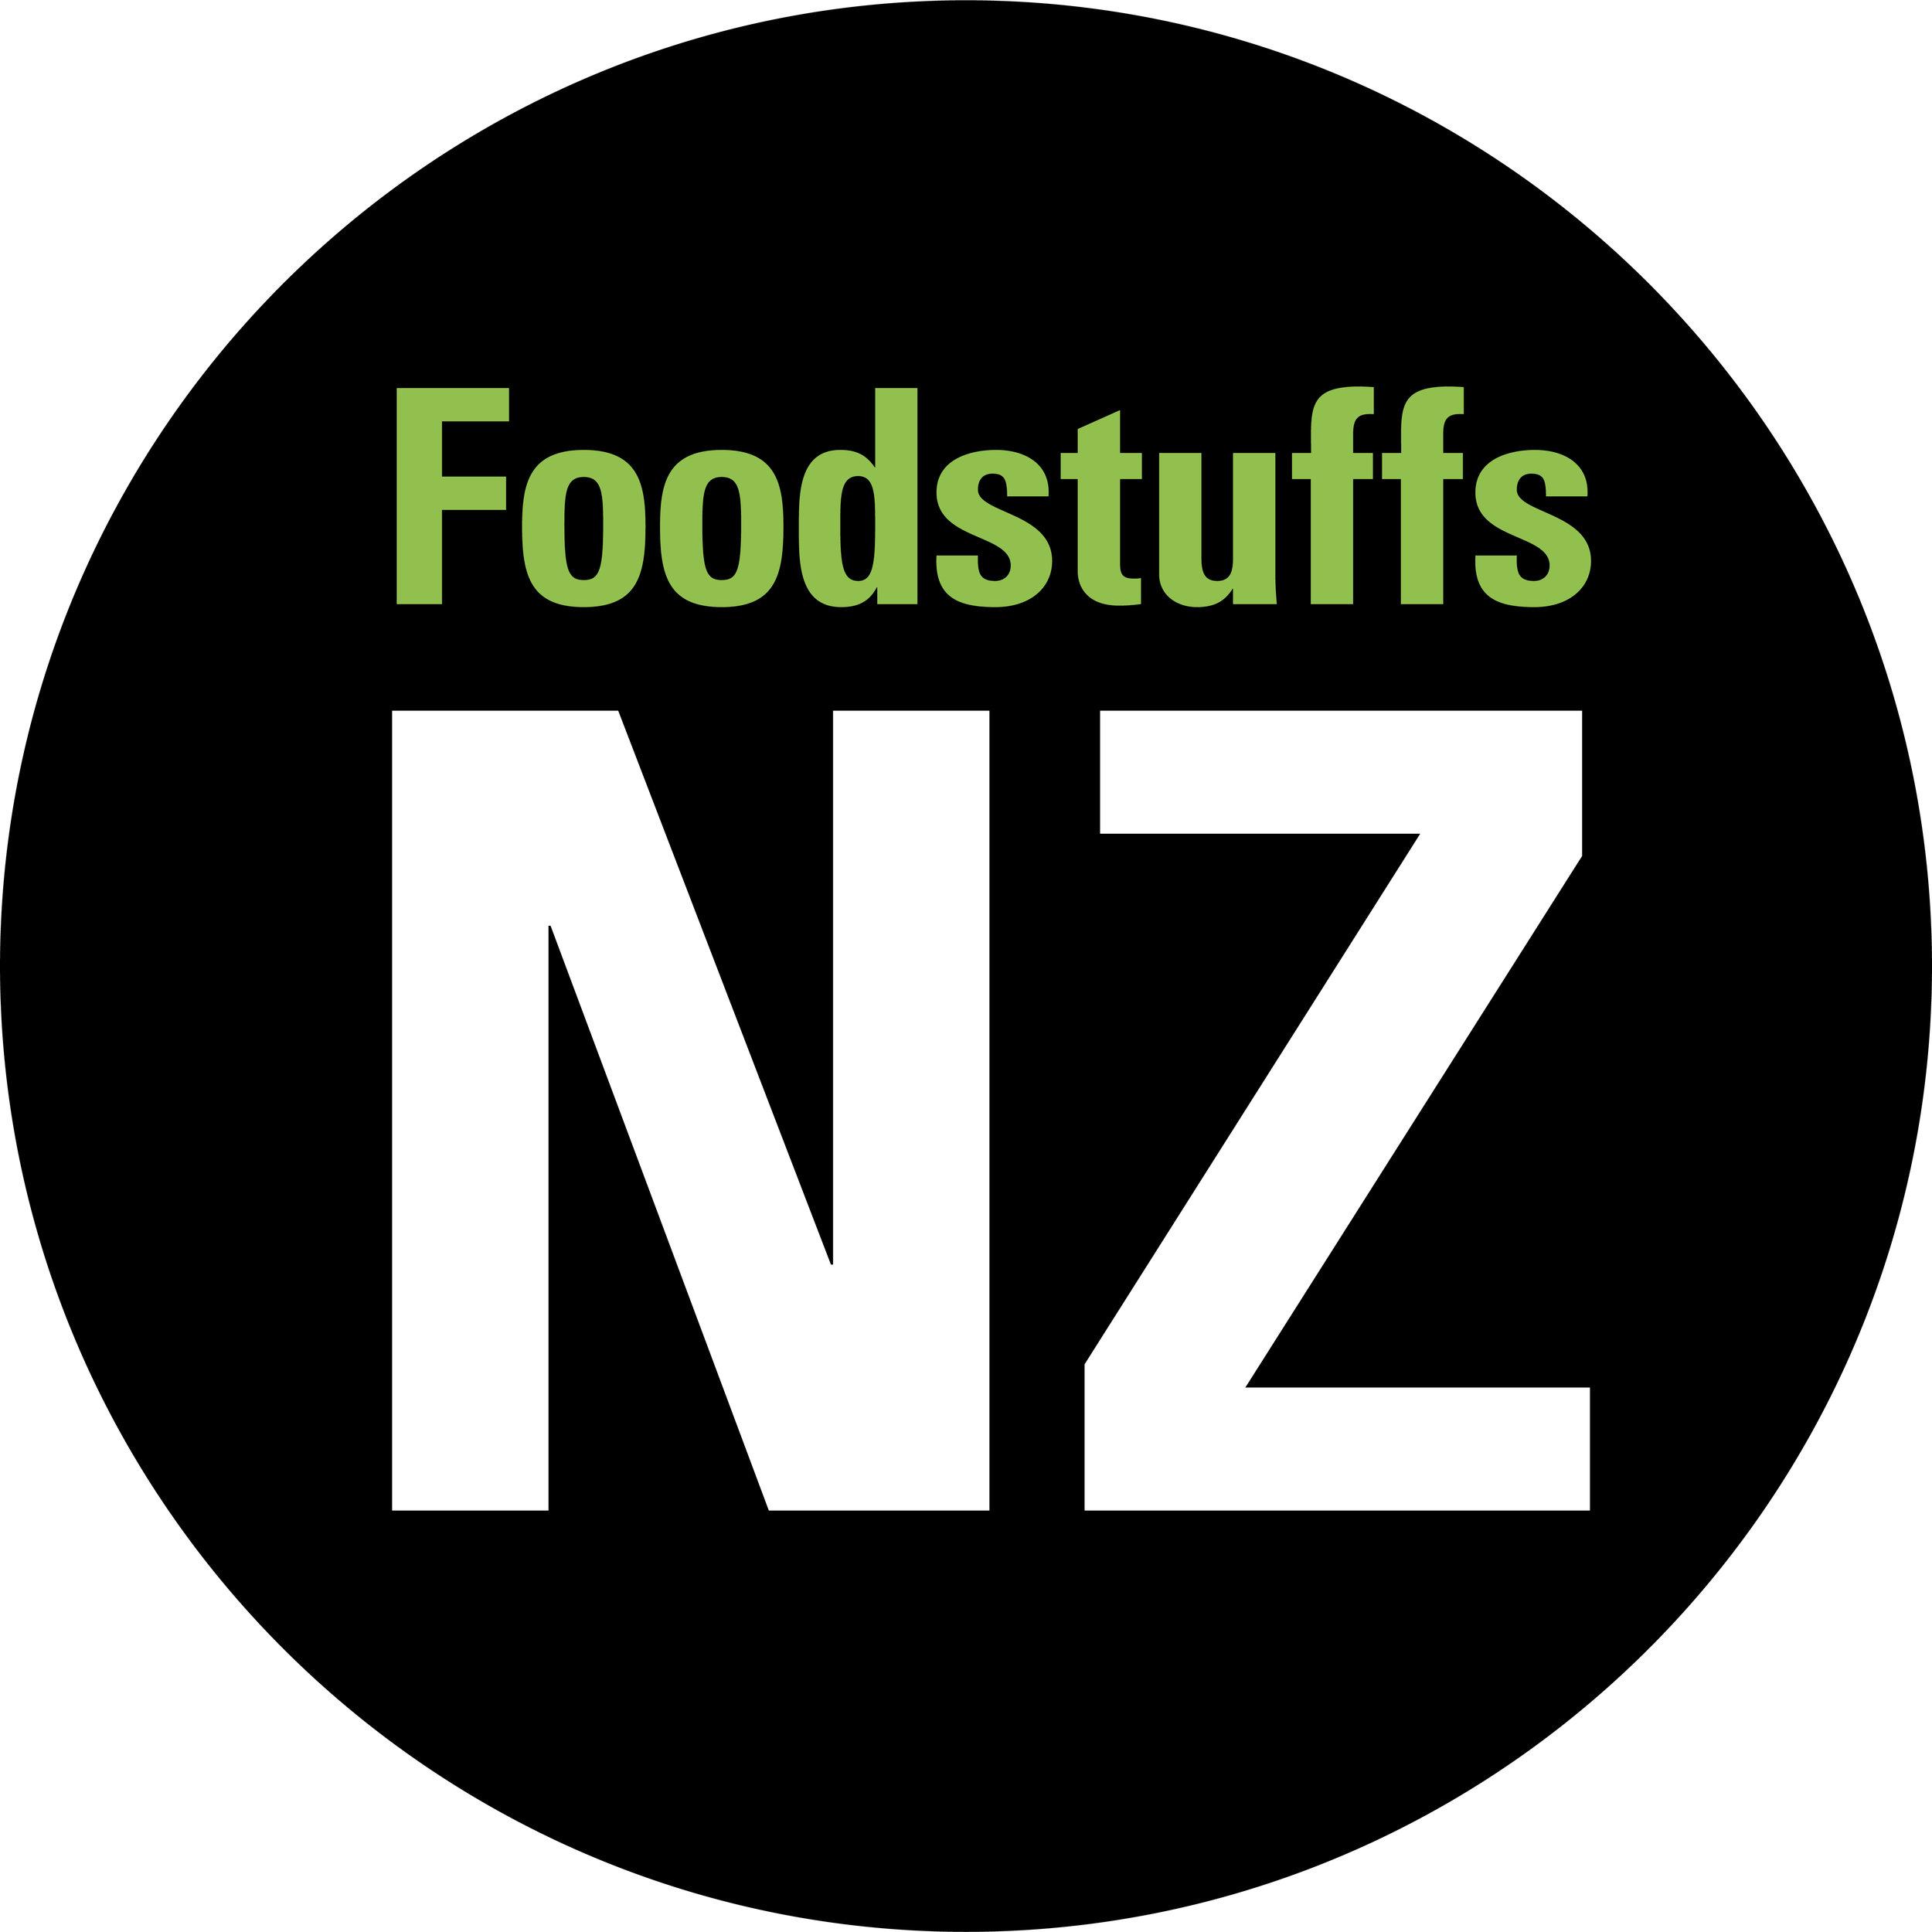 FoodstuffsNZ_Logo_Circle-RGB.jpg